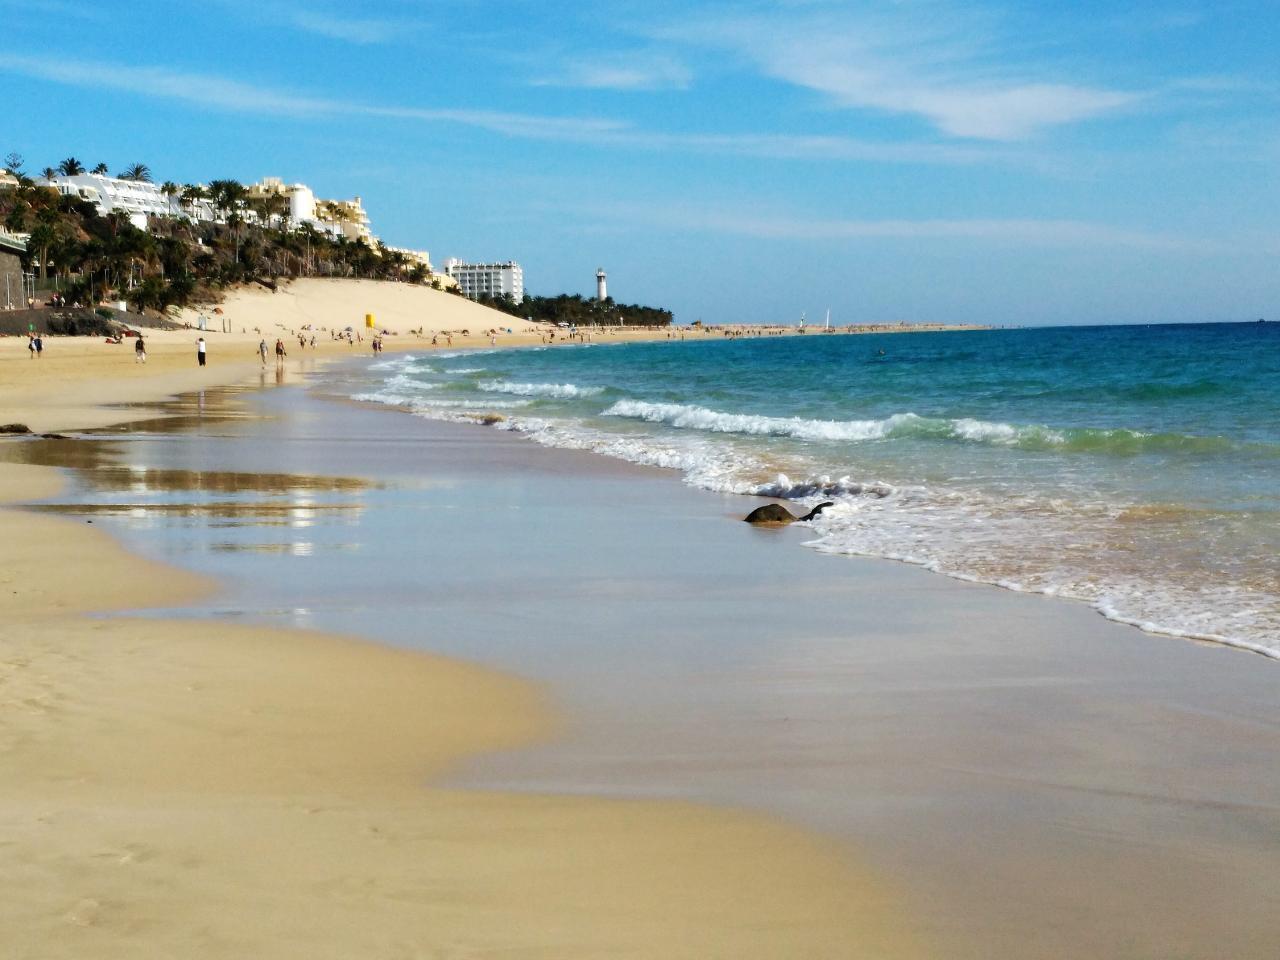 Ferienwohnung Bungalow mit Charme  nahe dem Strand und dem Meer, mit großem Terrasse 25 m. WIFI (497106), Costa Calma, Fuerteventura, Kanarische Inseln, Spanien, Bild 31